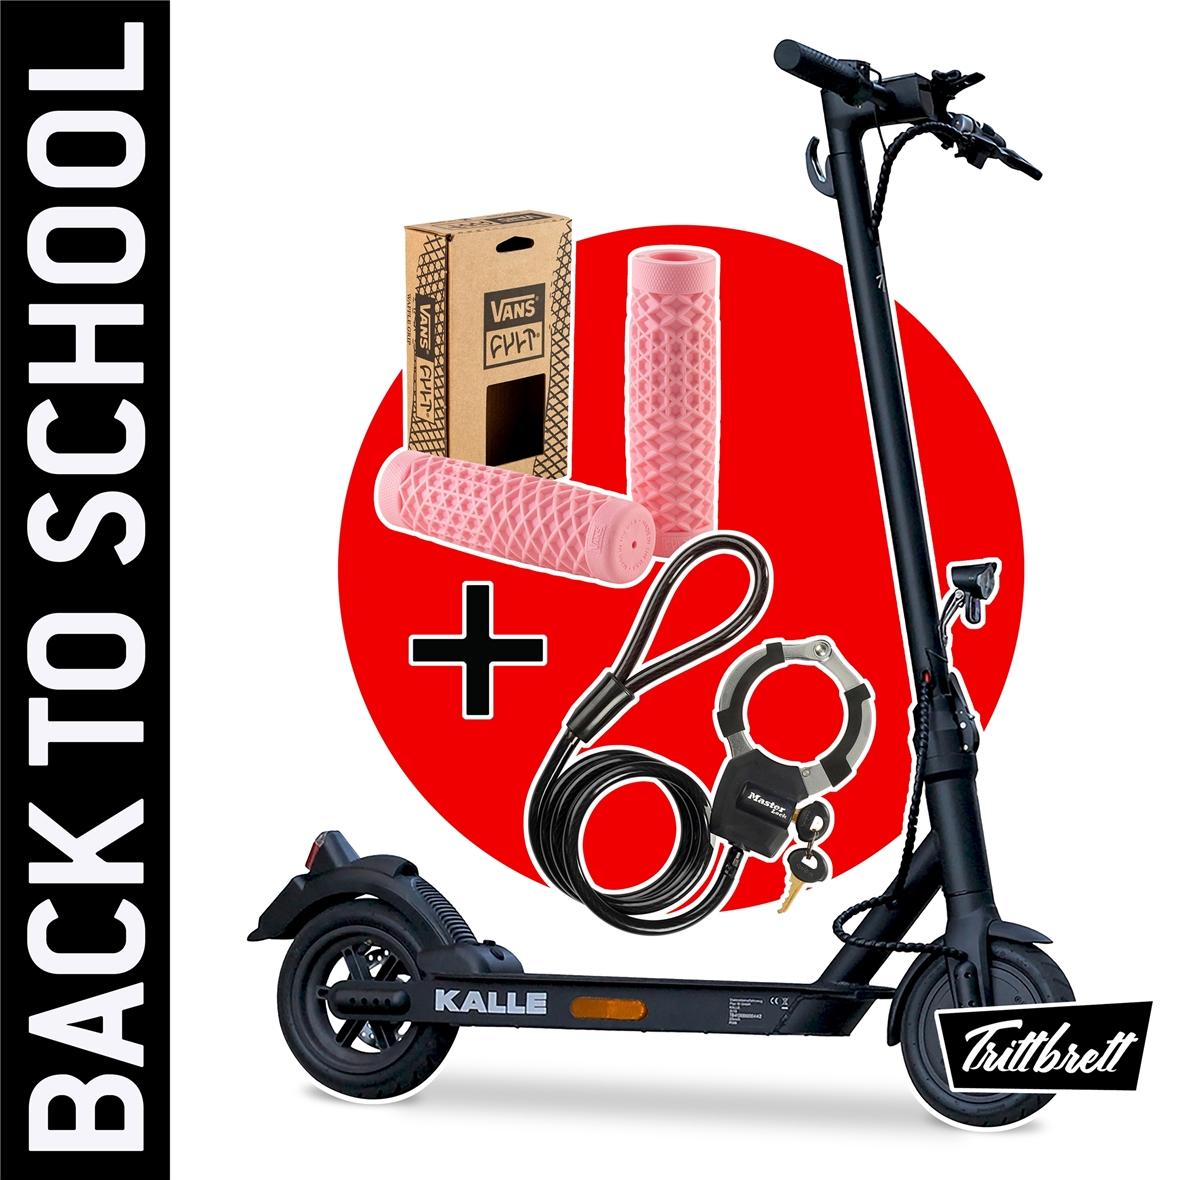 """Immagine del prodotto per 'E-Scooter """"BACK TO SCHOOL"""" Bundle TRITTBRETT Kalle con manici VANS (rosa) e Masterlock Streetcuff'"""